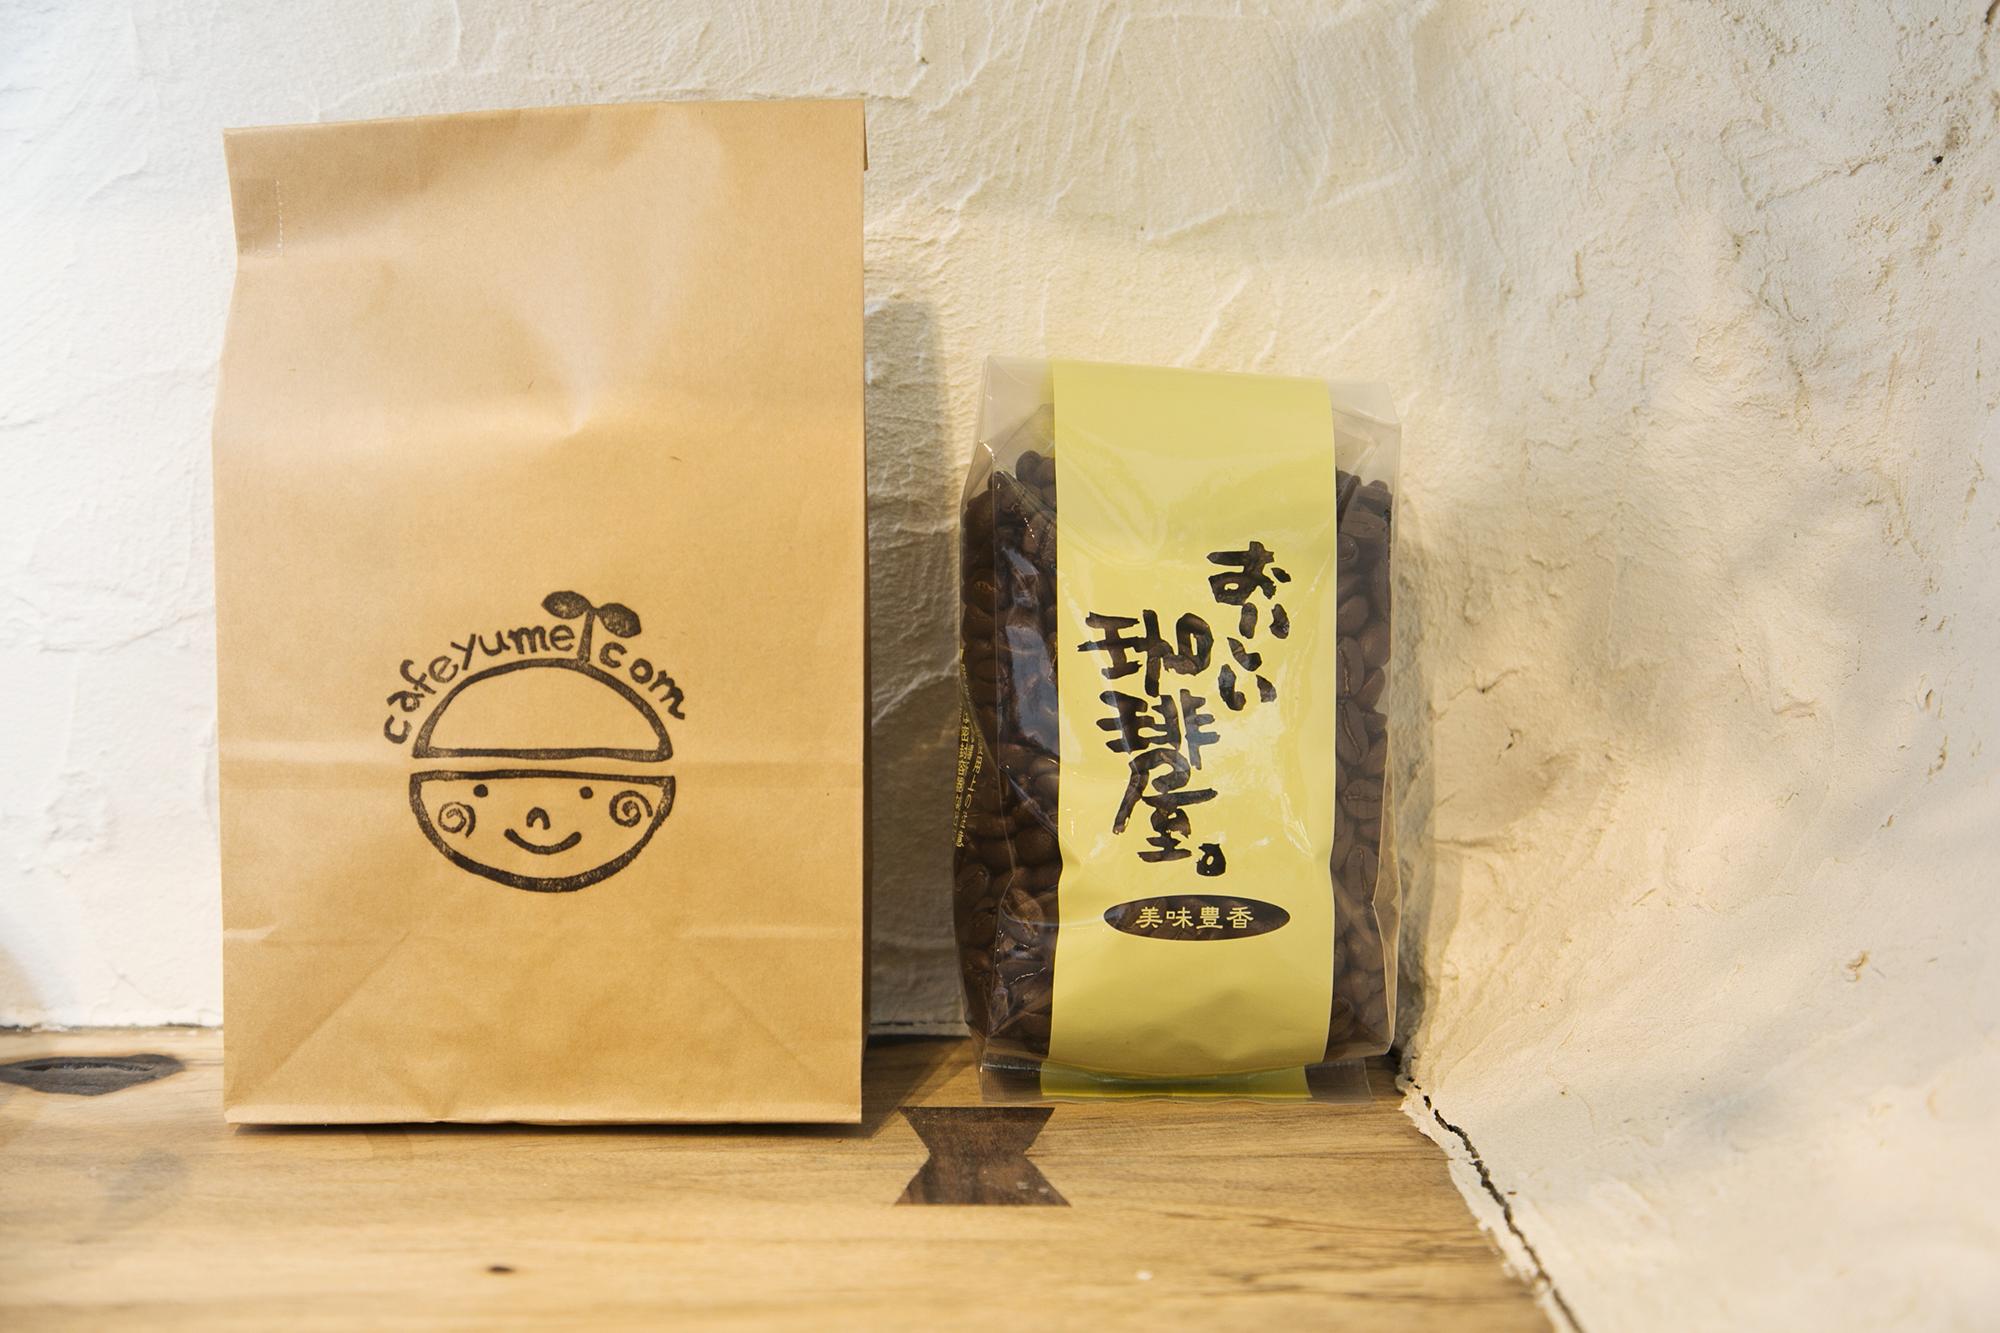 珈琲夢職人の焼き加減にこだわったコーヒー豆をプレゼント